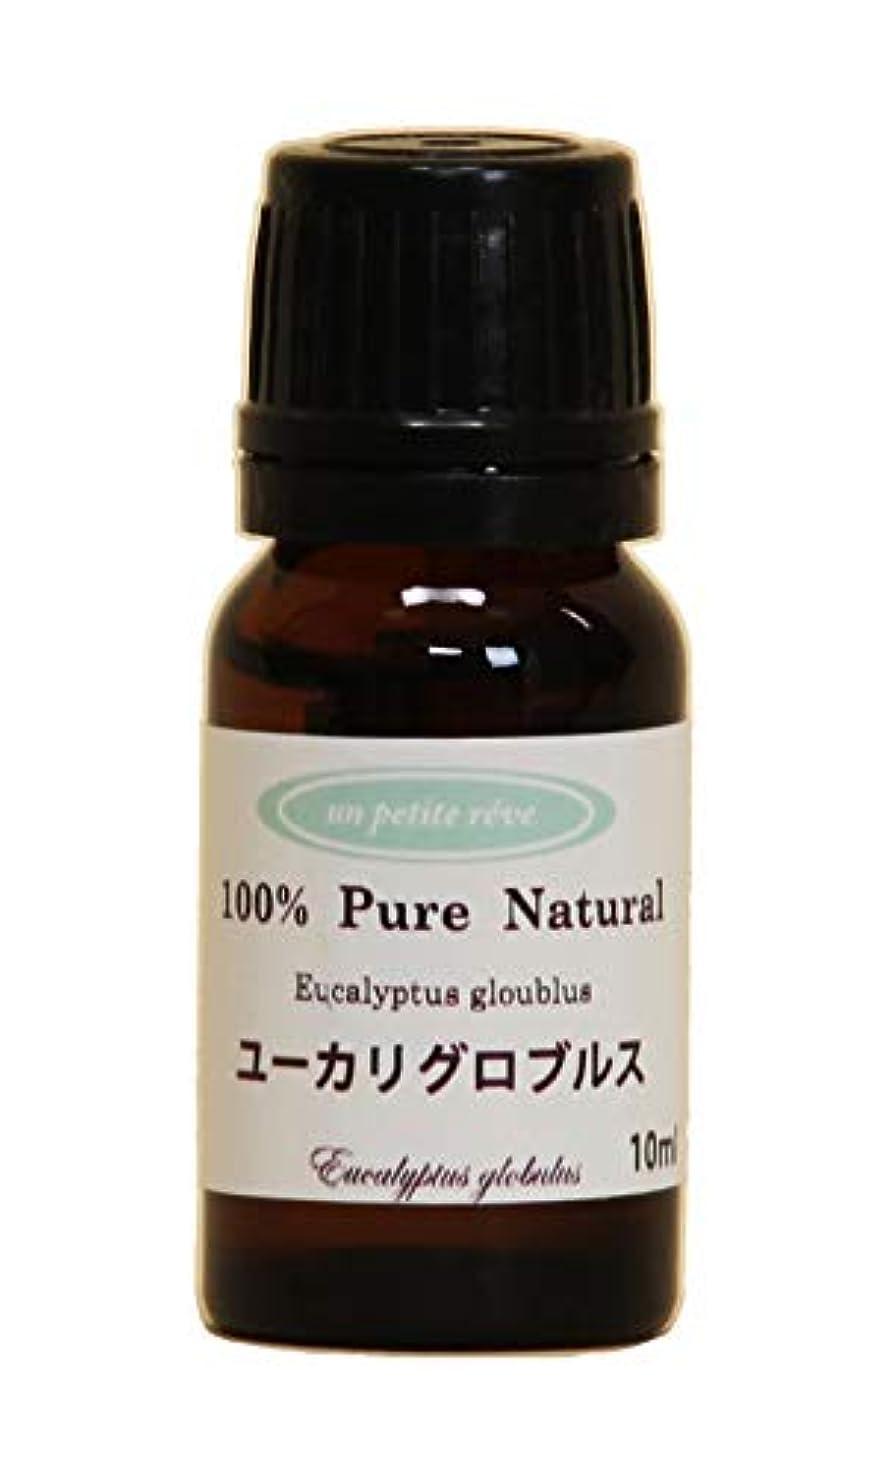 単調な超えてつなぐユーカリグロブルス 10ml 100%天然アロマエッセンシャルオイル(精油)